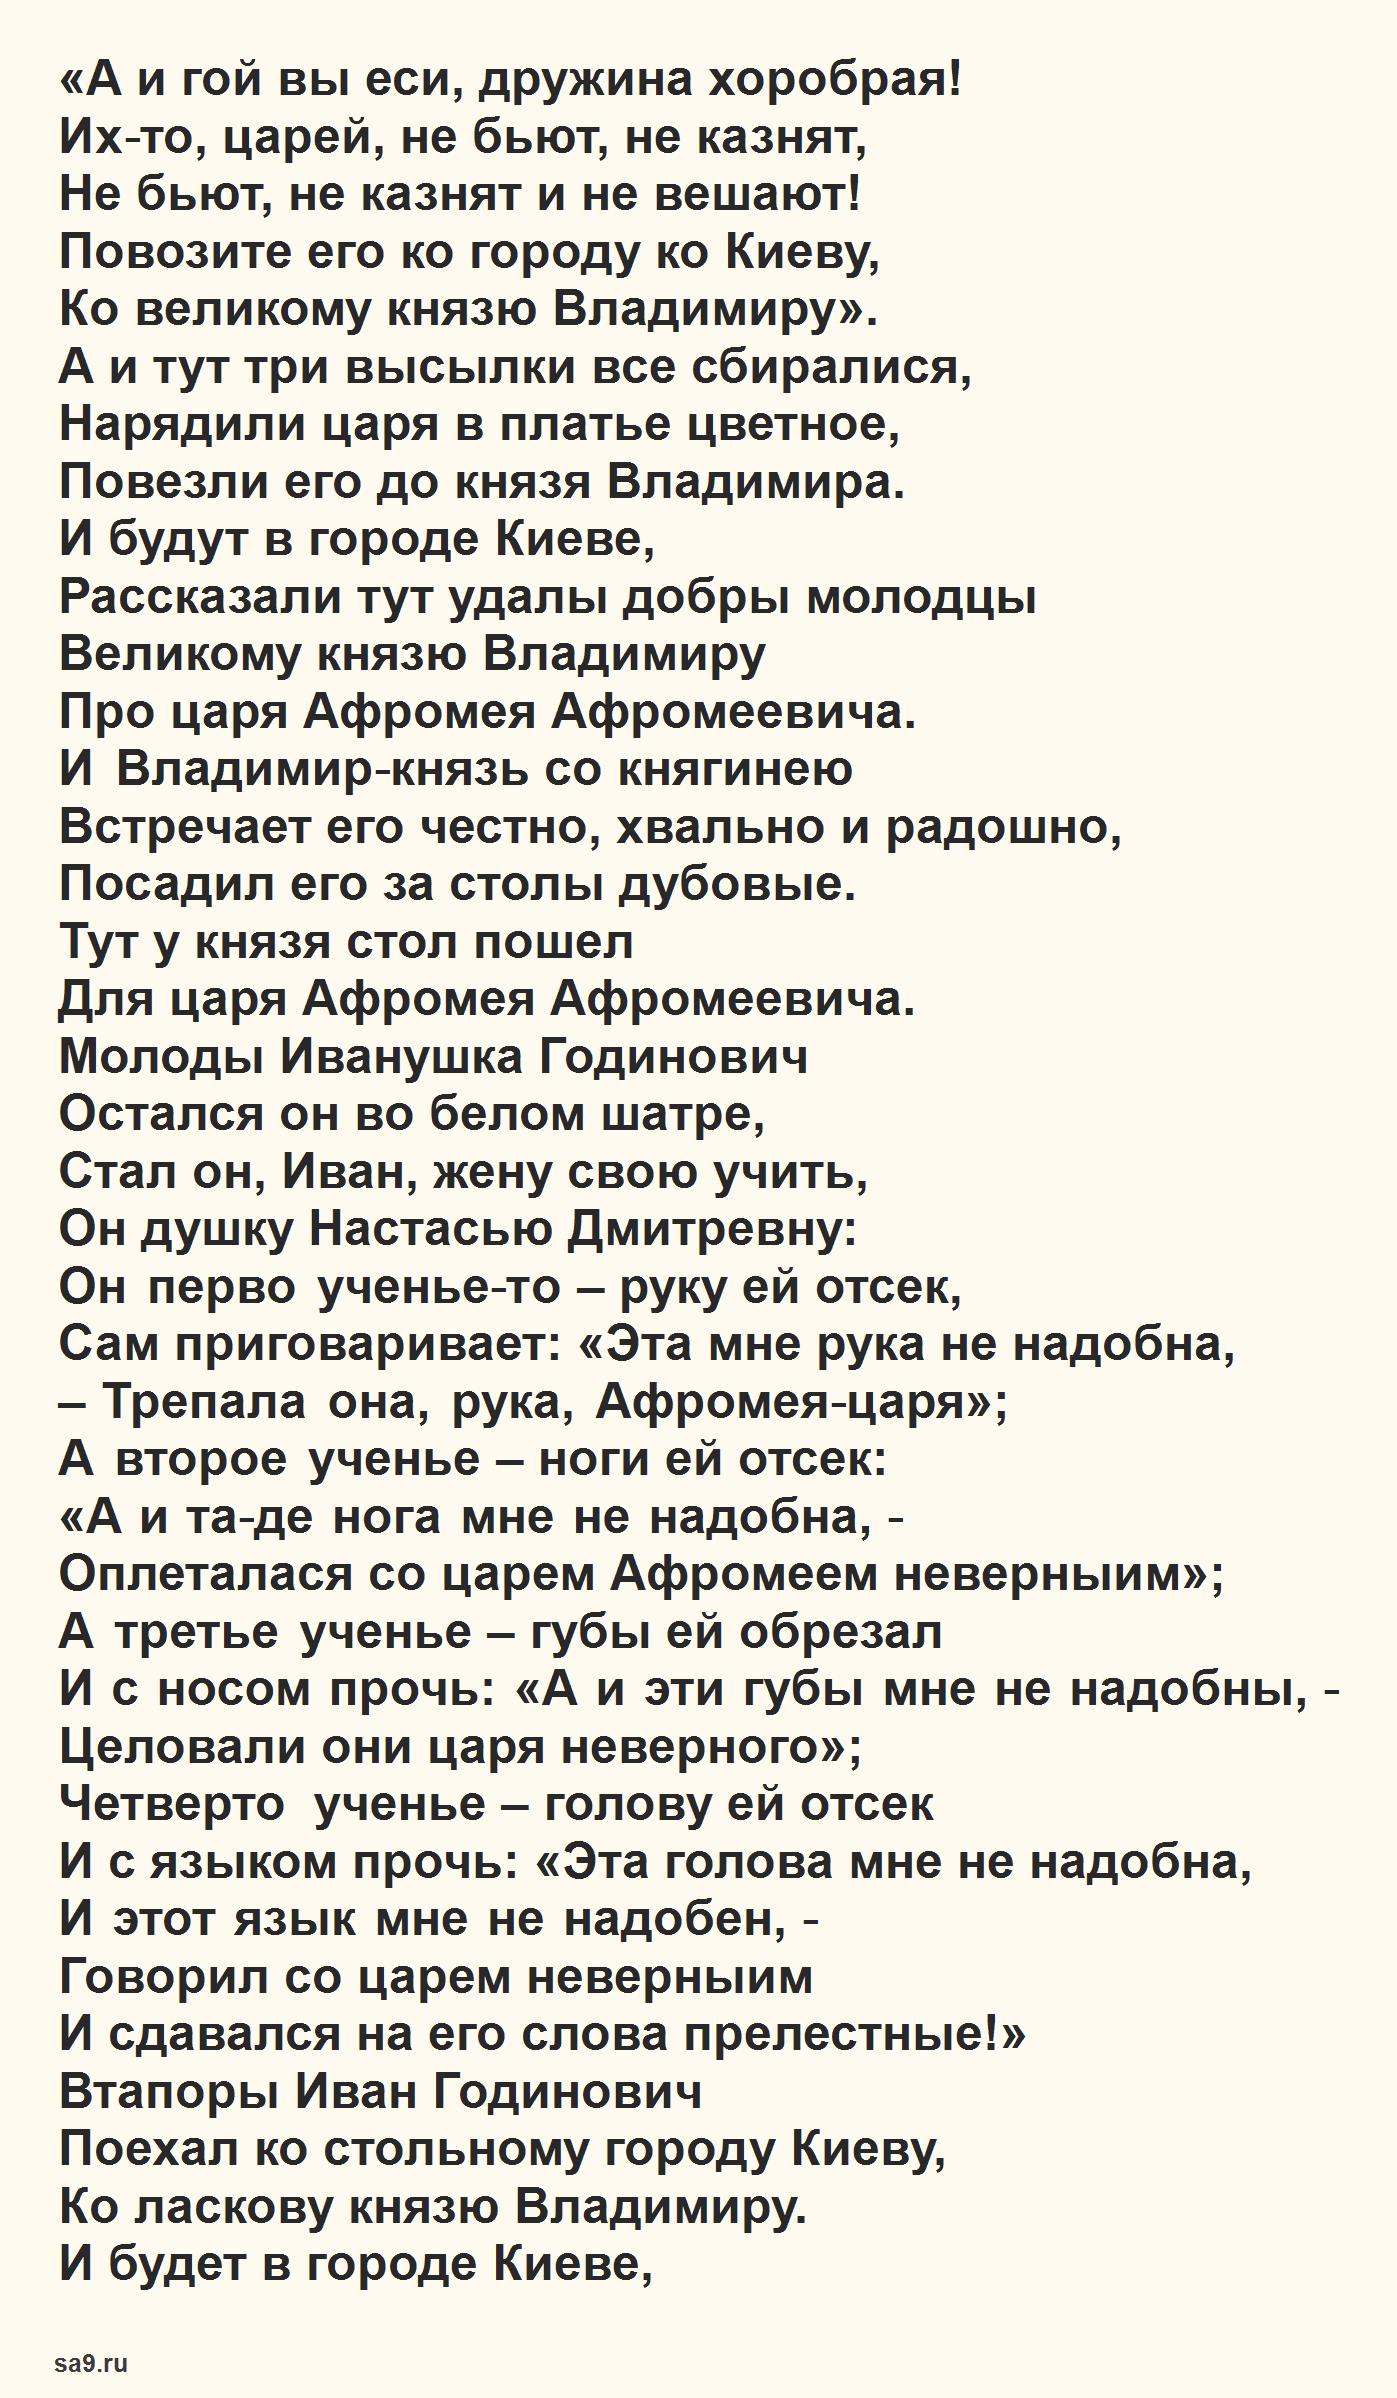 Читать былину - Иван Годинович